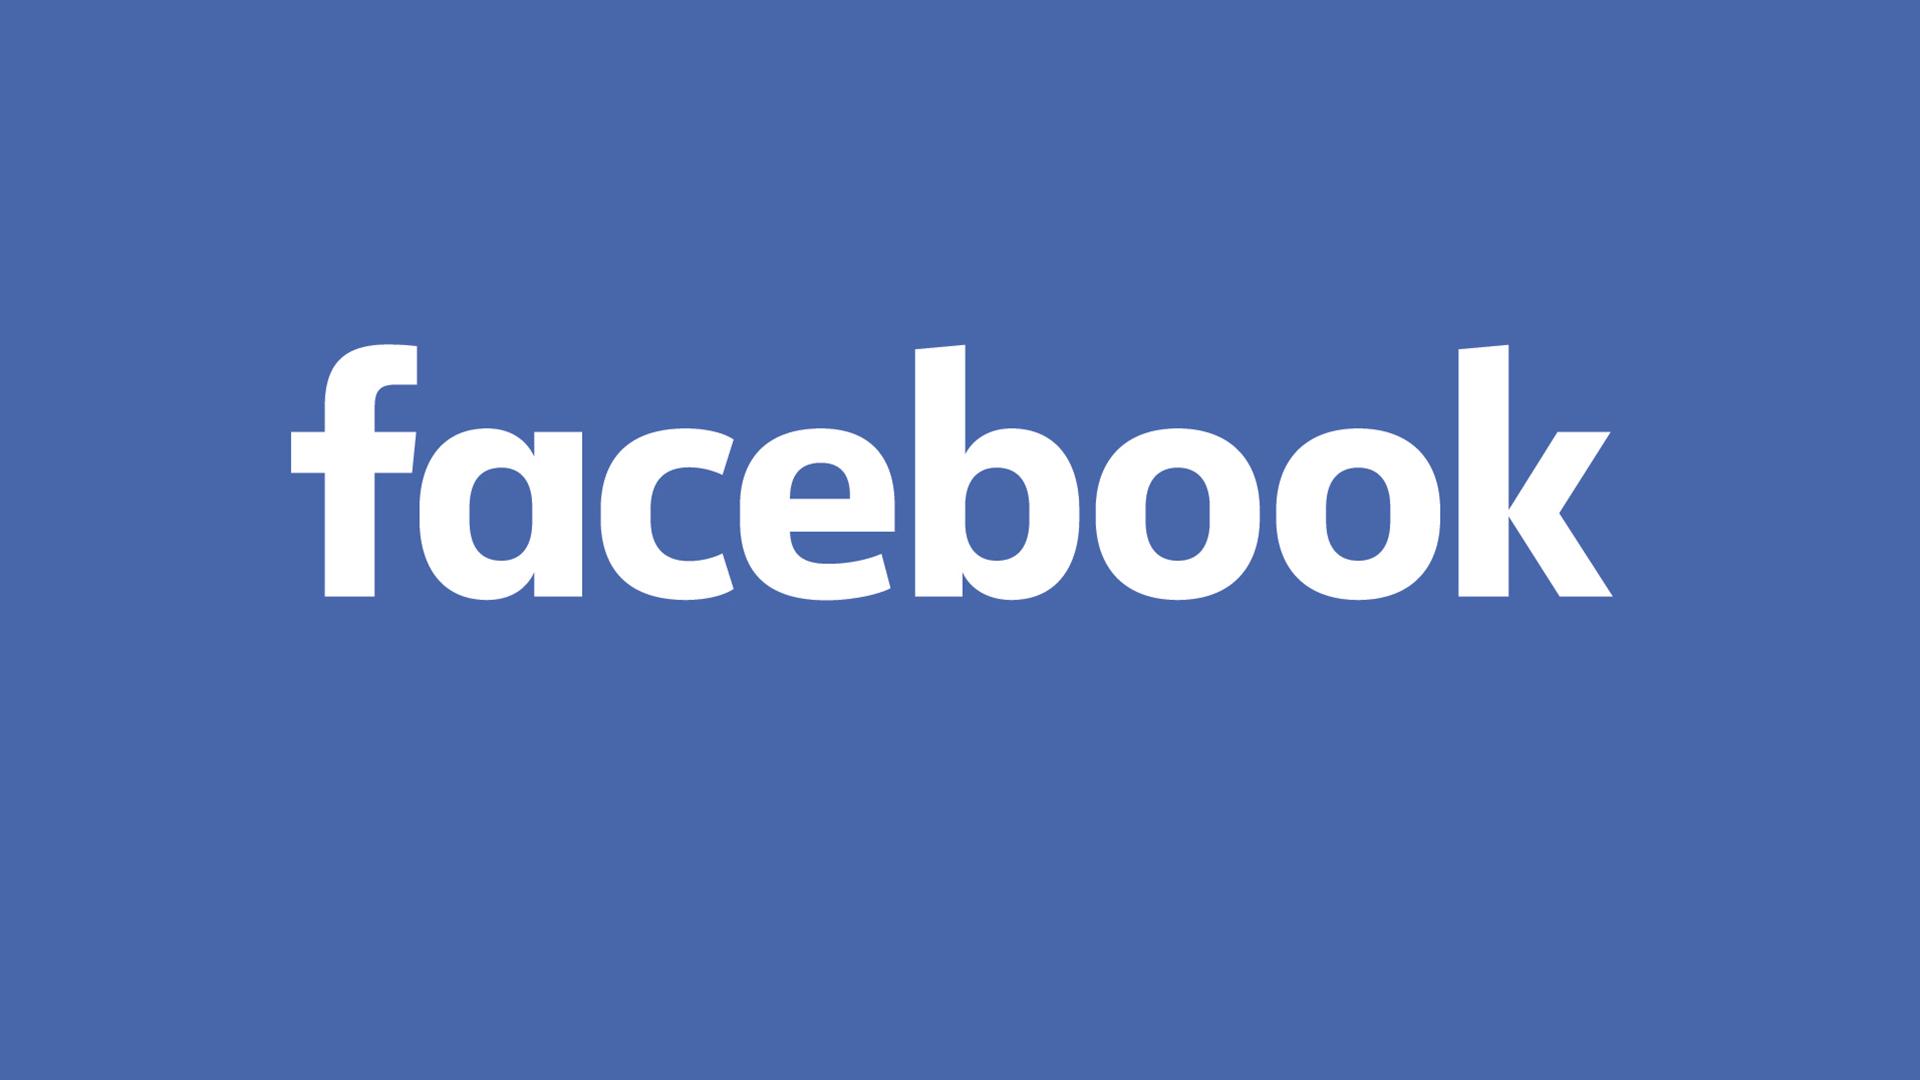 Facebook, sigue siendo una de las aplicaciones más descargadas